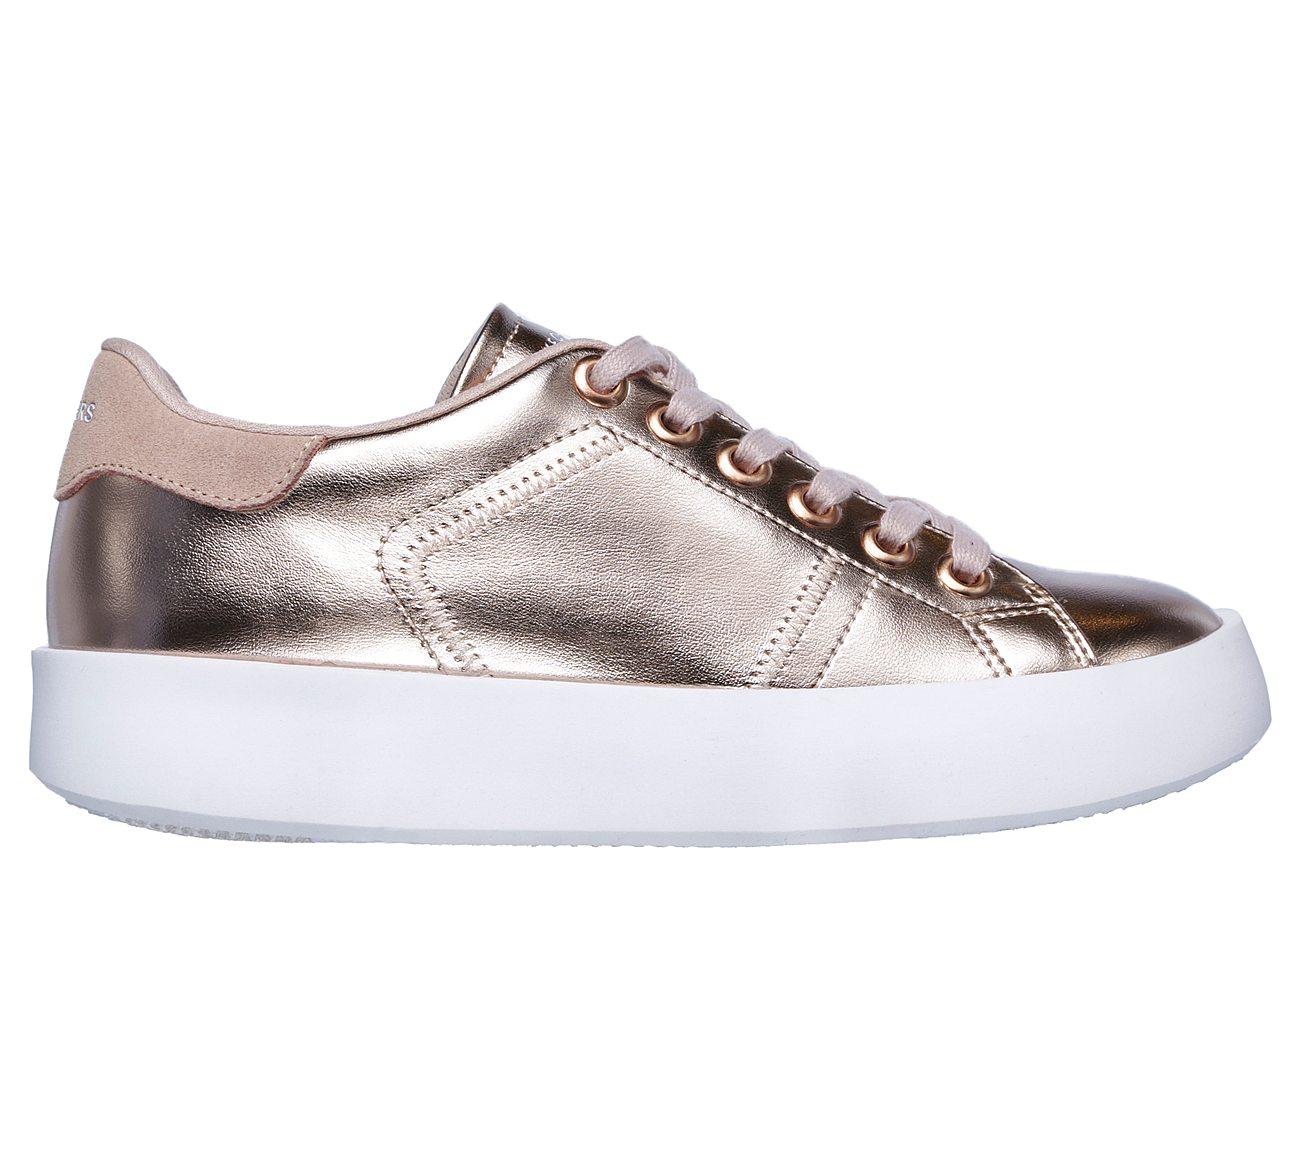 Skechers Traffic Shoetopia Sneaker (Women's) V3NsadtC8